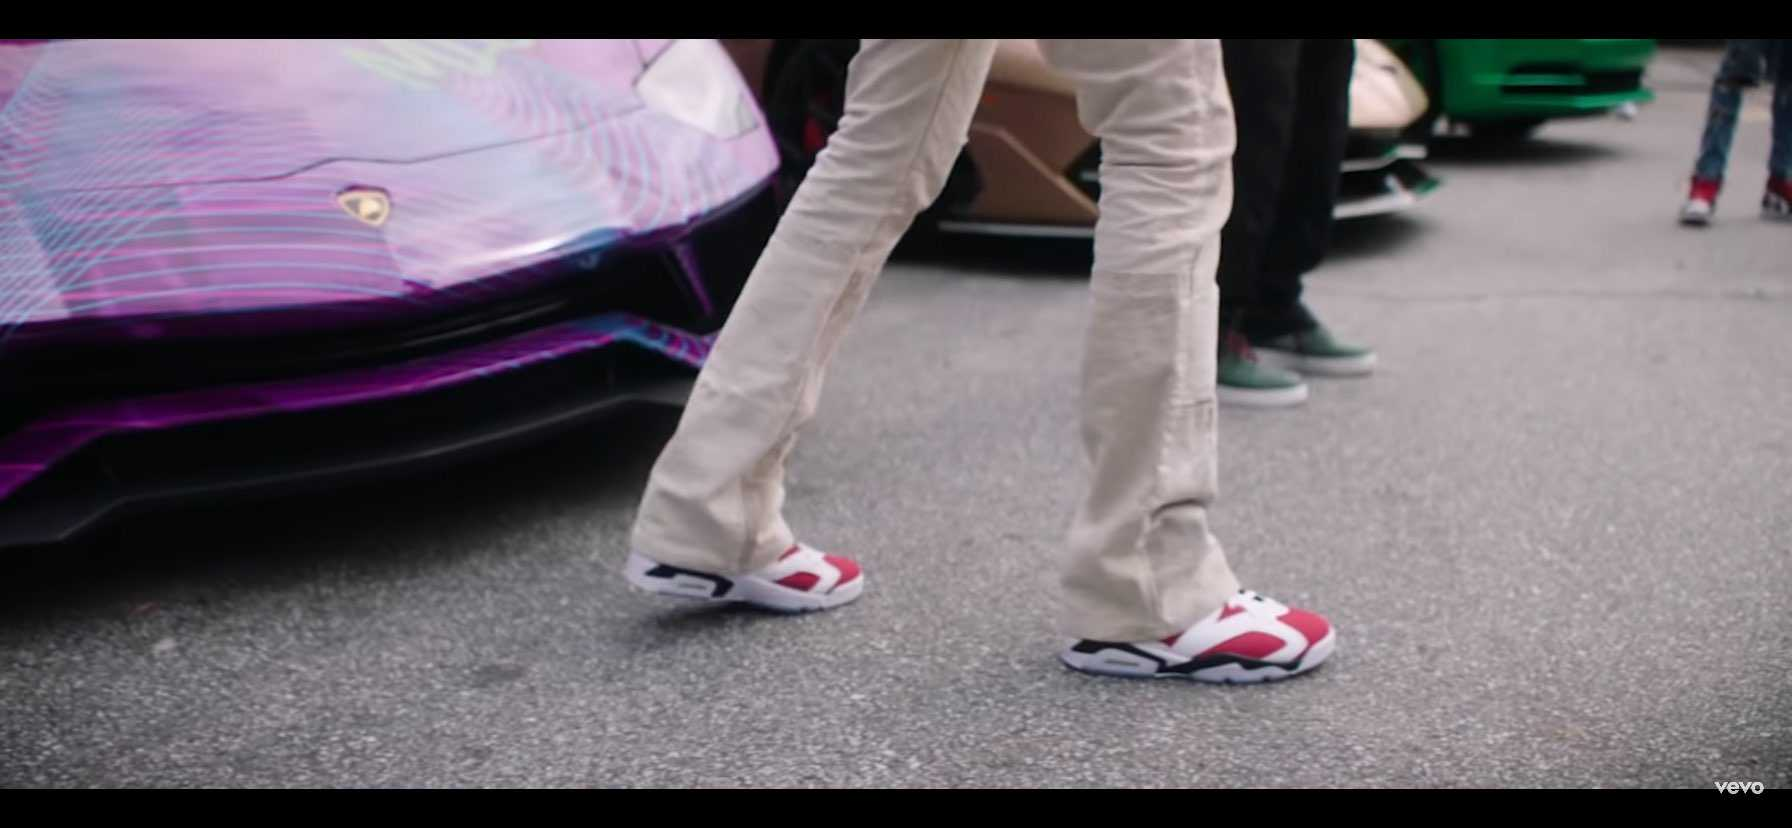 わぁ、ミーゴズの最新ミュージックビデオで見ました。 それは本当に素敵な靴です🔥🔥